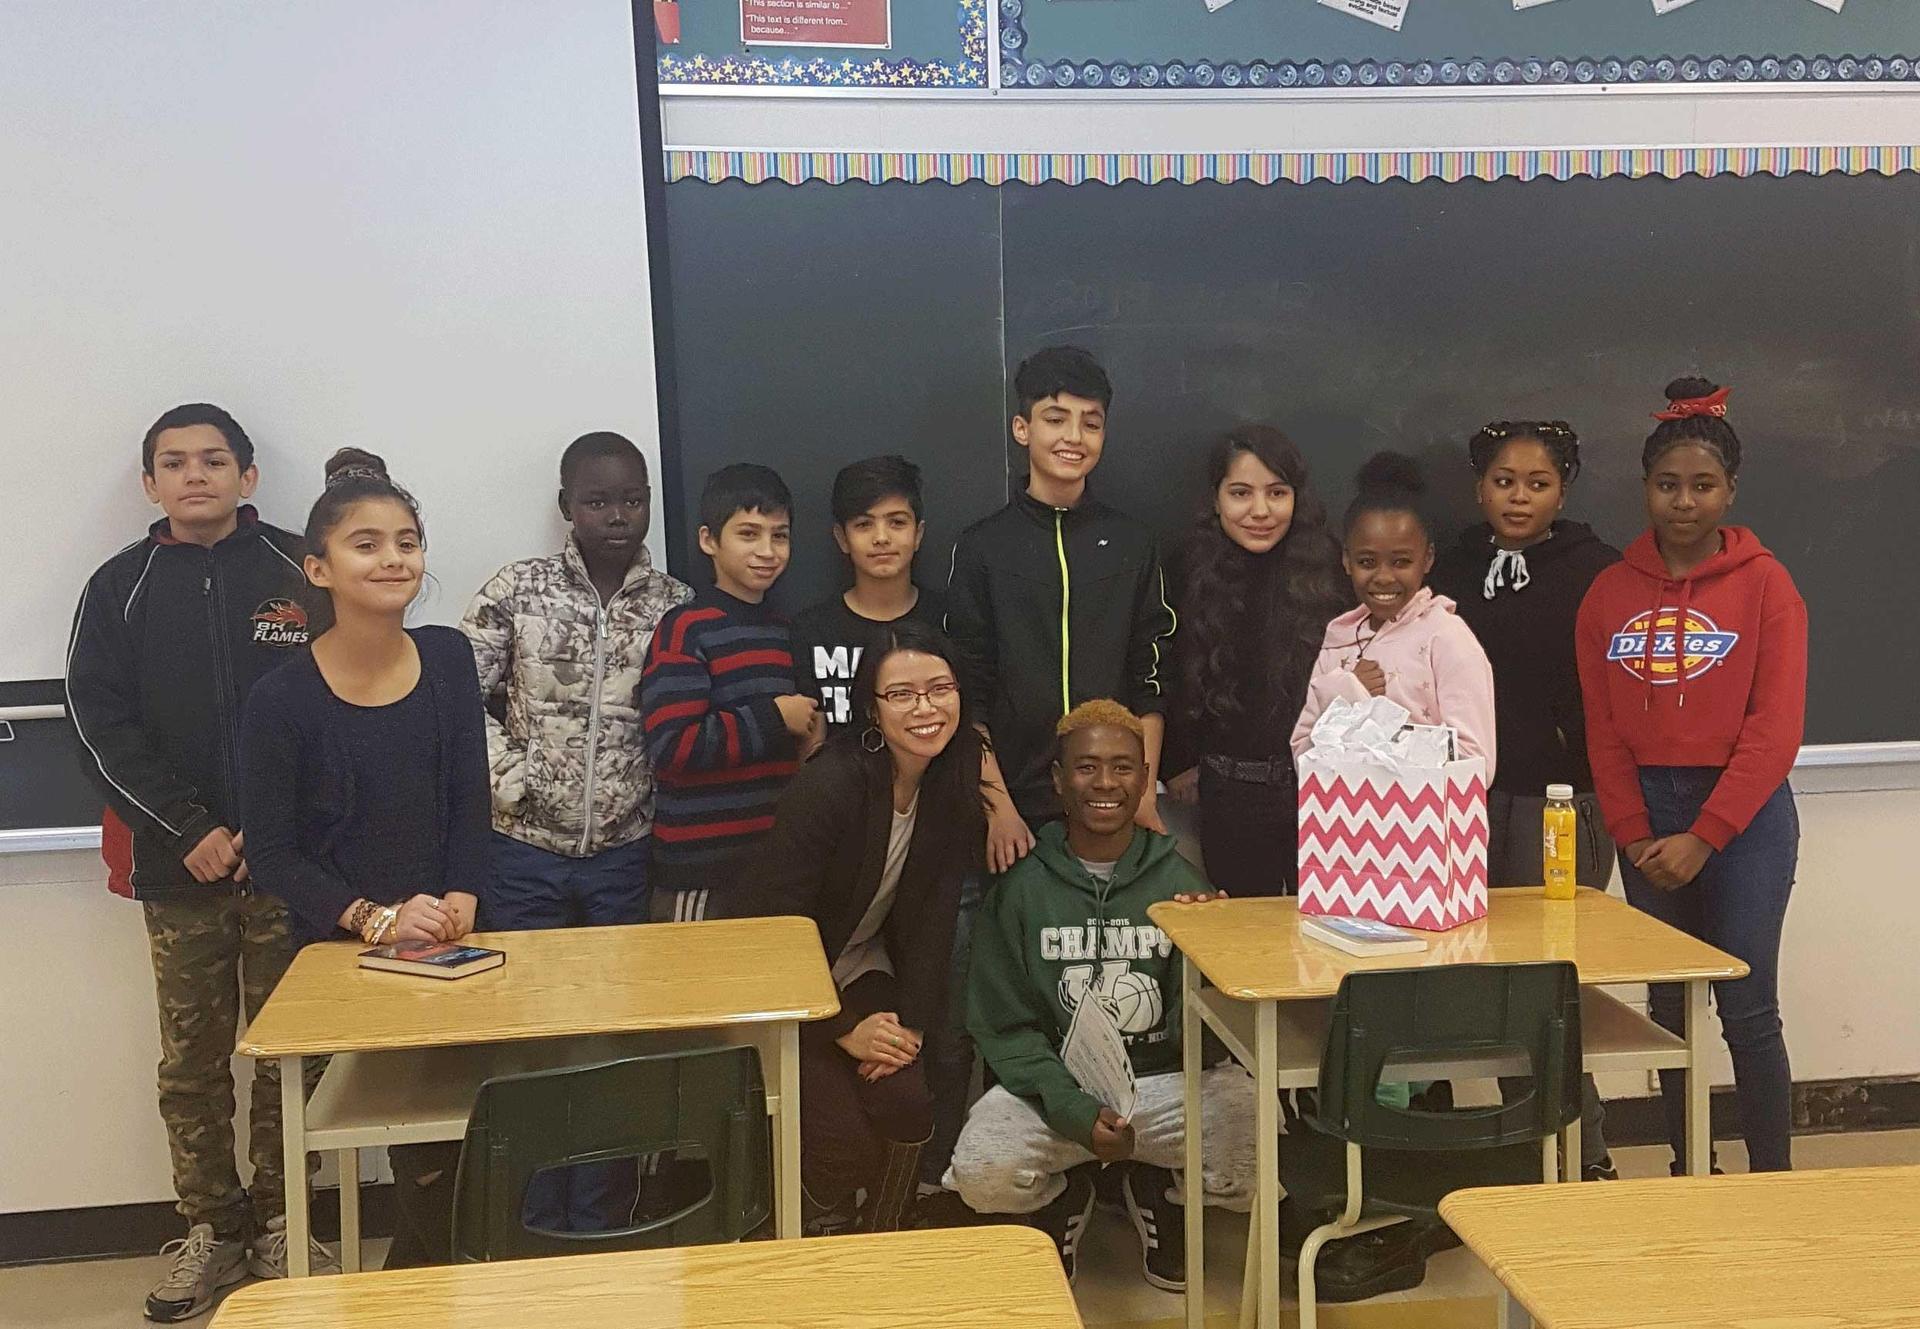 eld students meet author